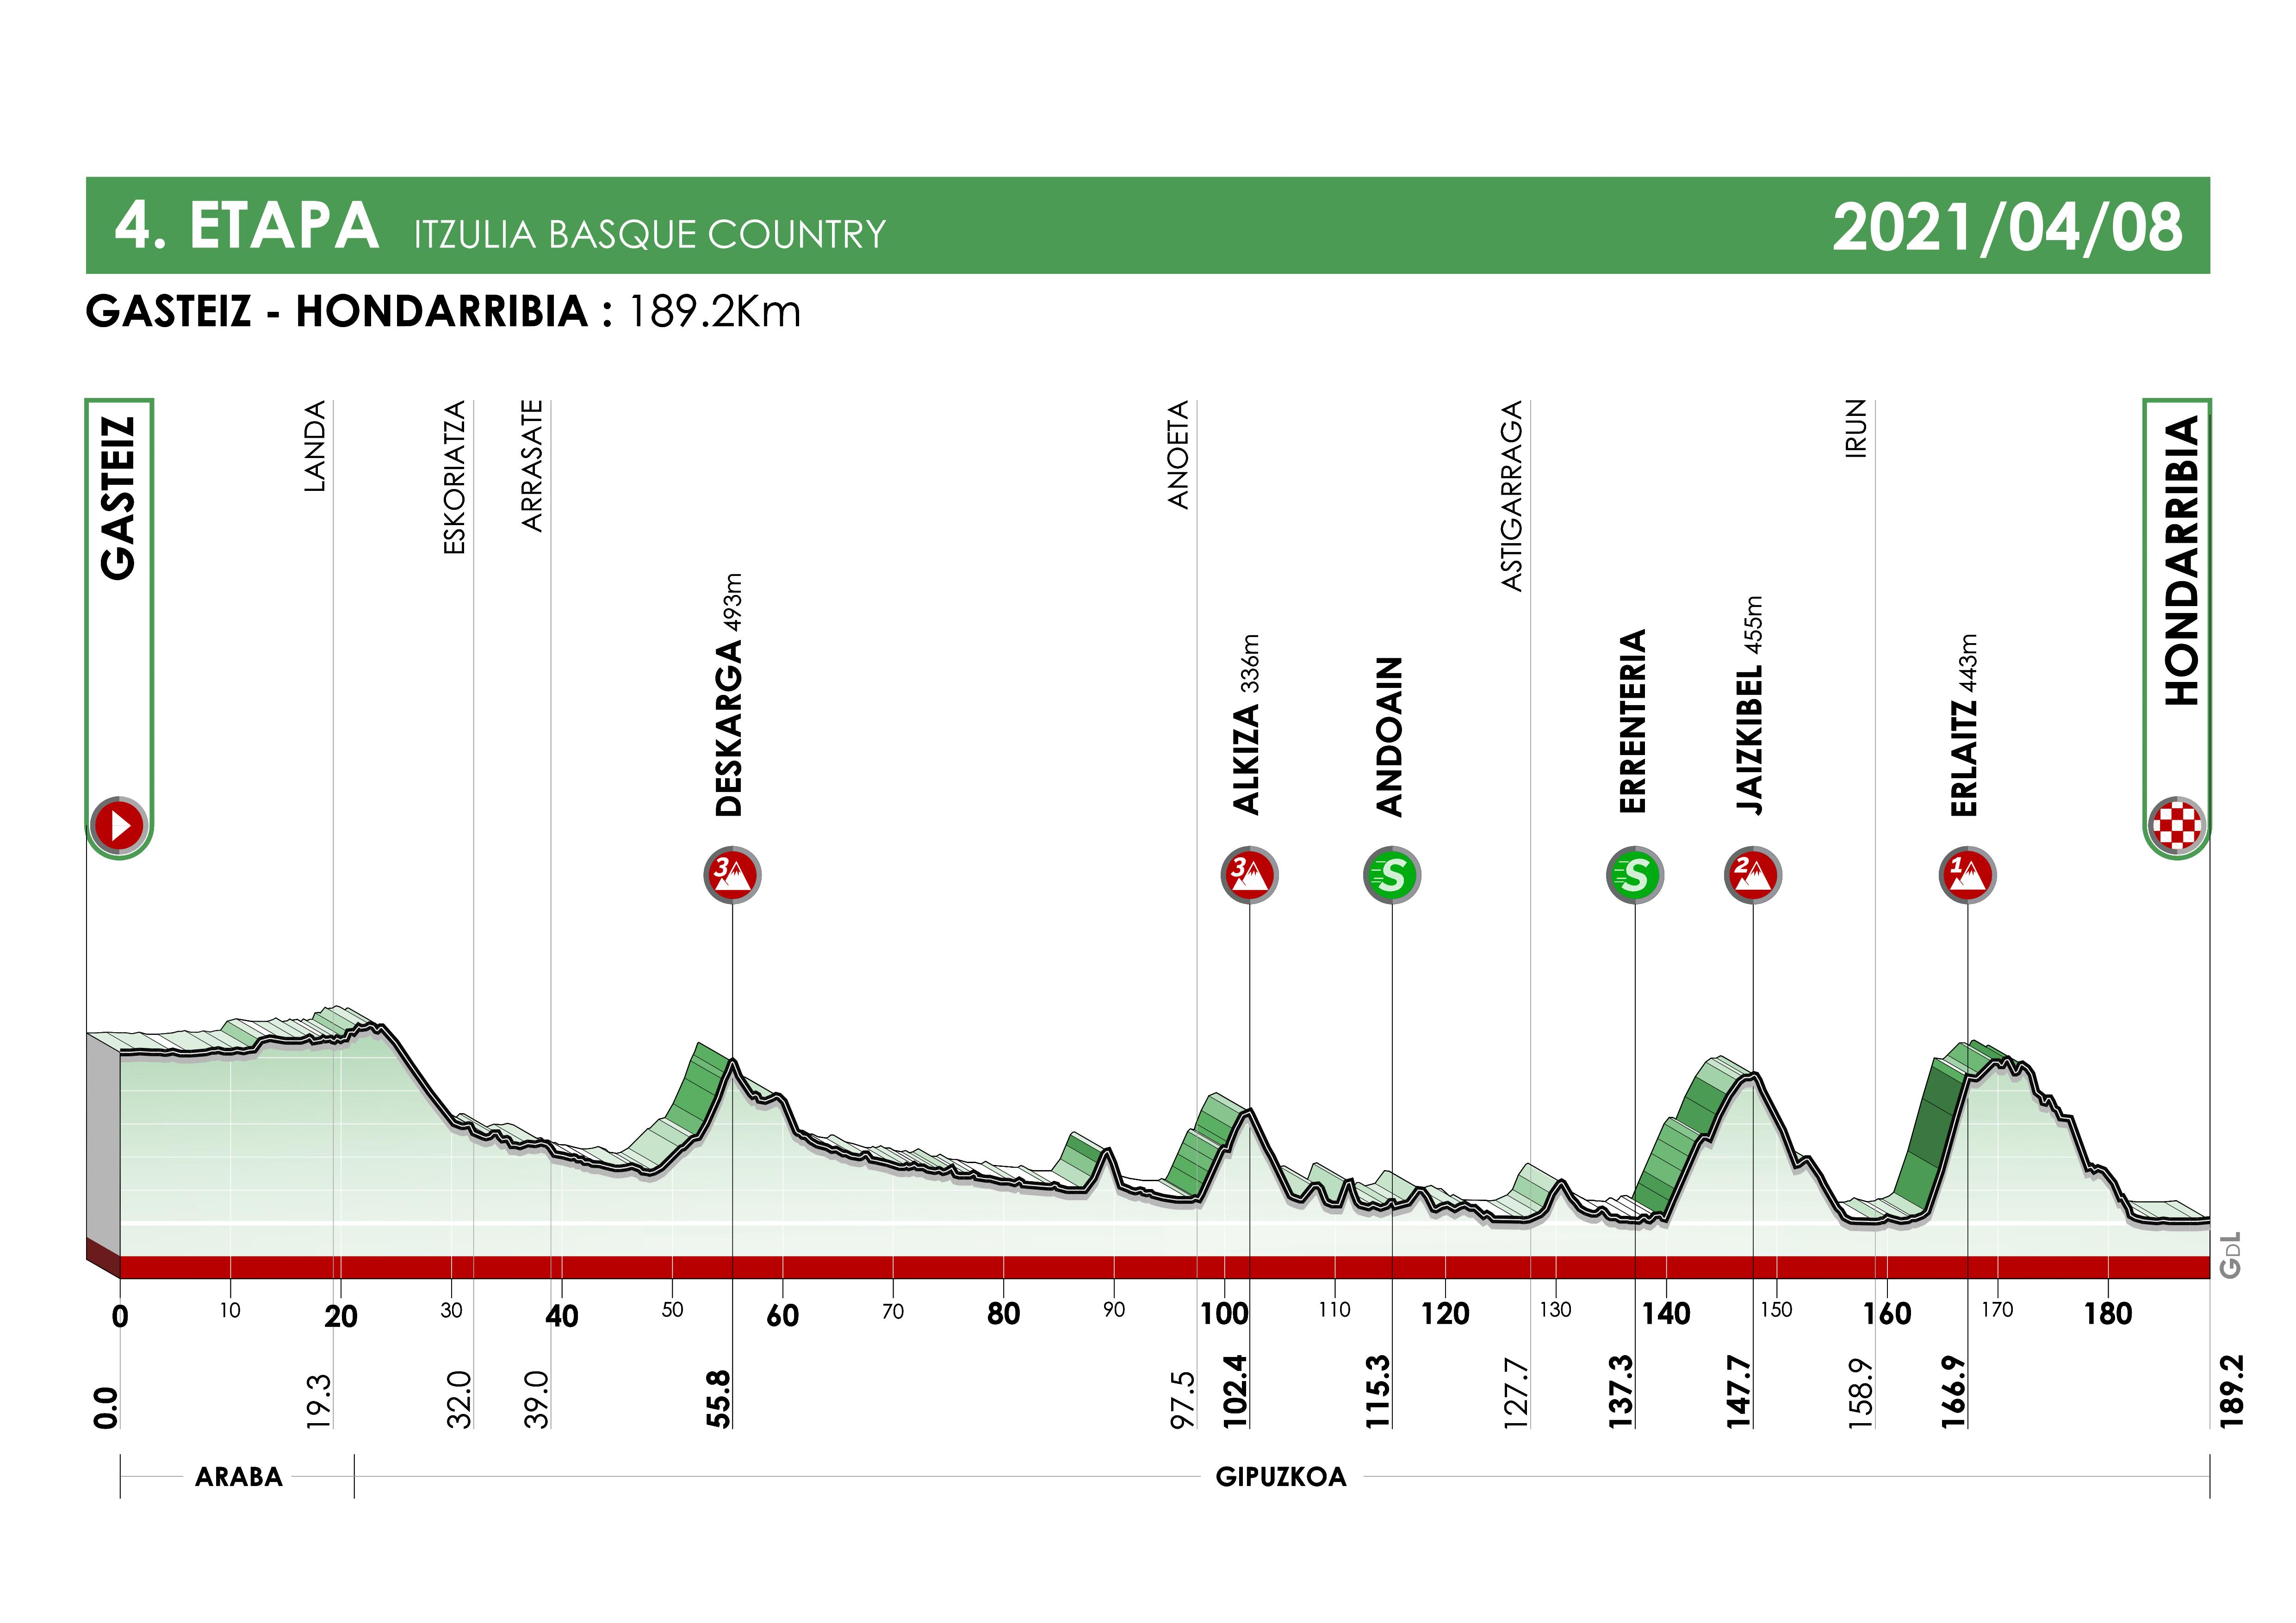 Etapa 4 Vuelta al País Vasco 2021